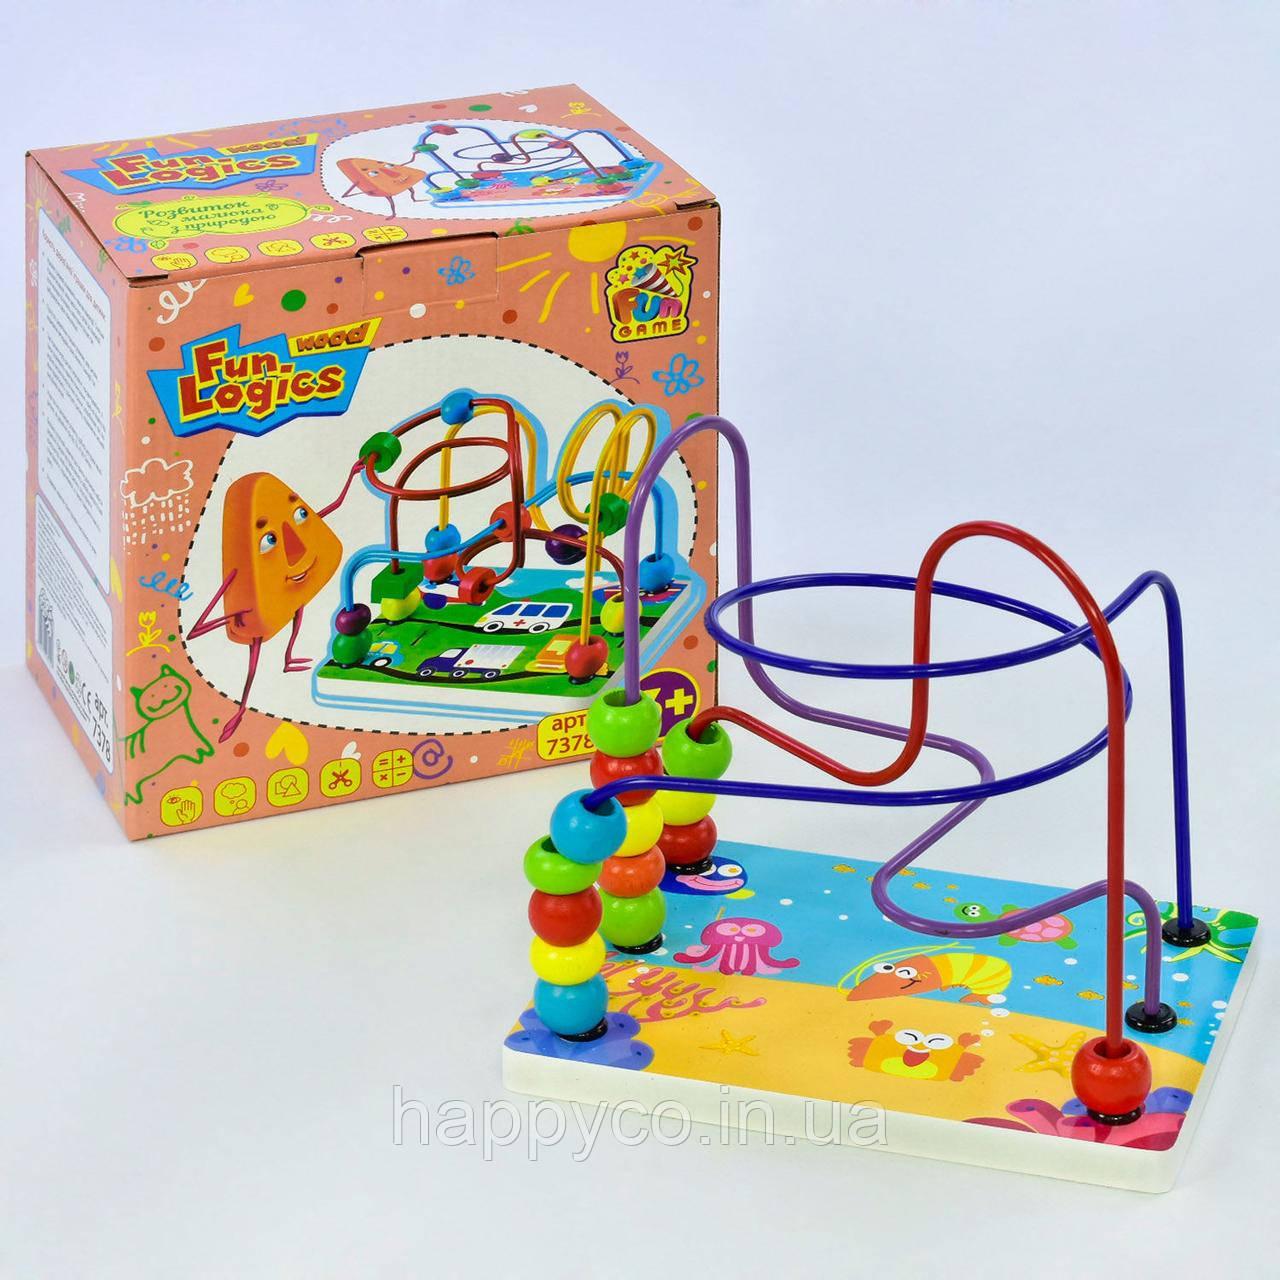 Деревянный Пальчиковый лабиринт 'FUN GAME', детская развивающая игра